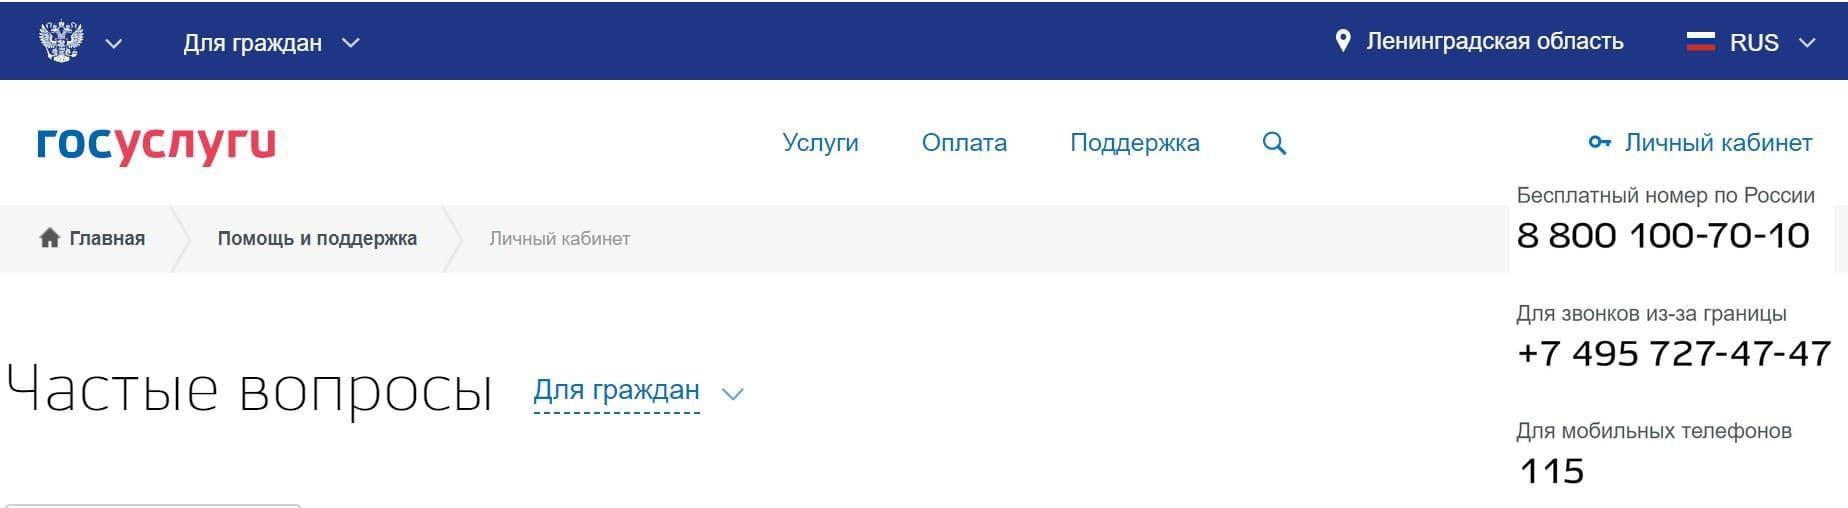 Госуслуги Ленинградской области личный кабинет